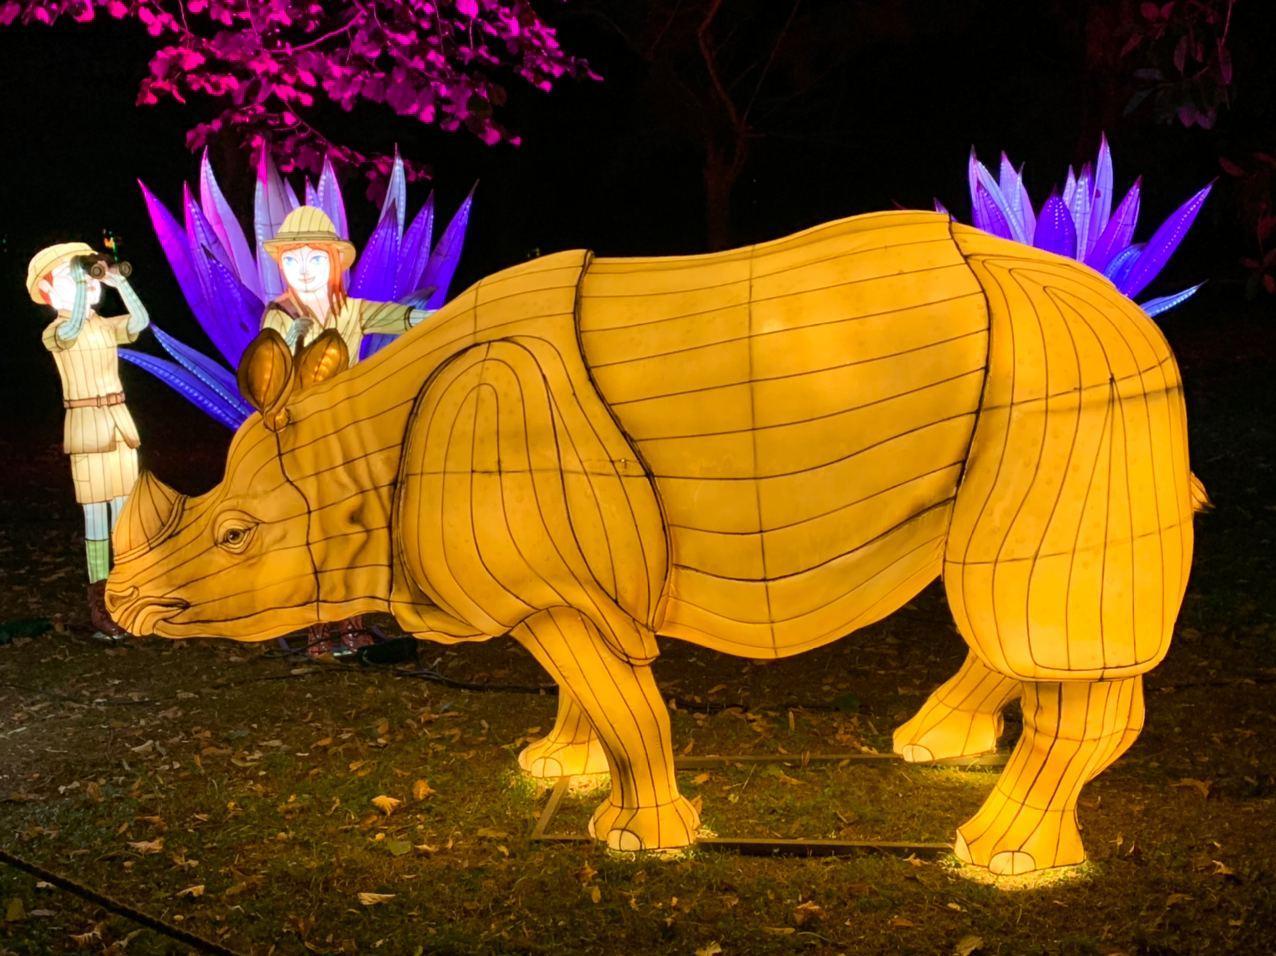 Rinoceronte, Lio e Lia - Magical Garden